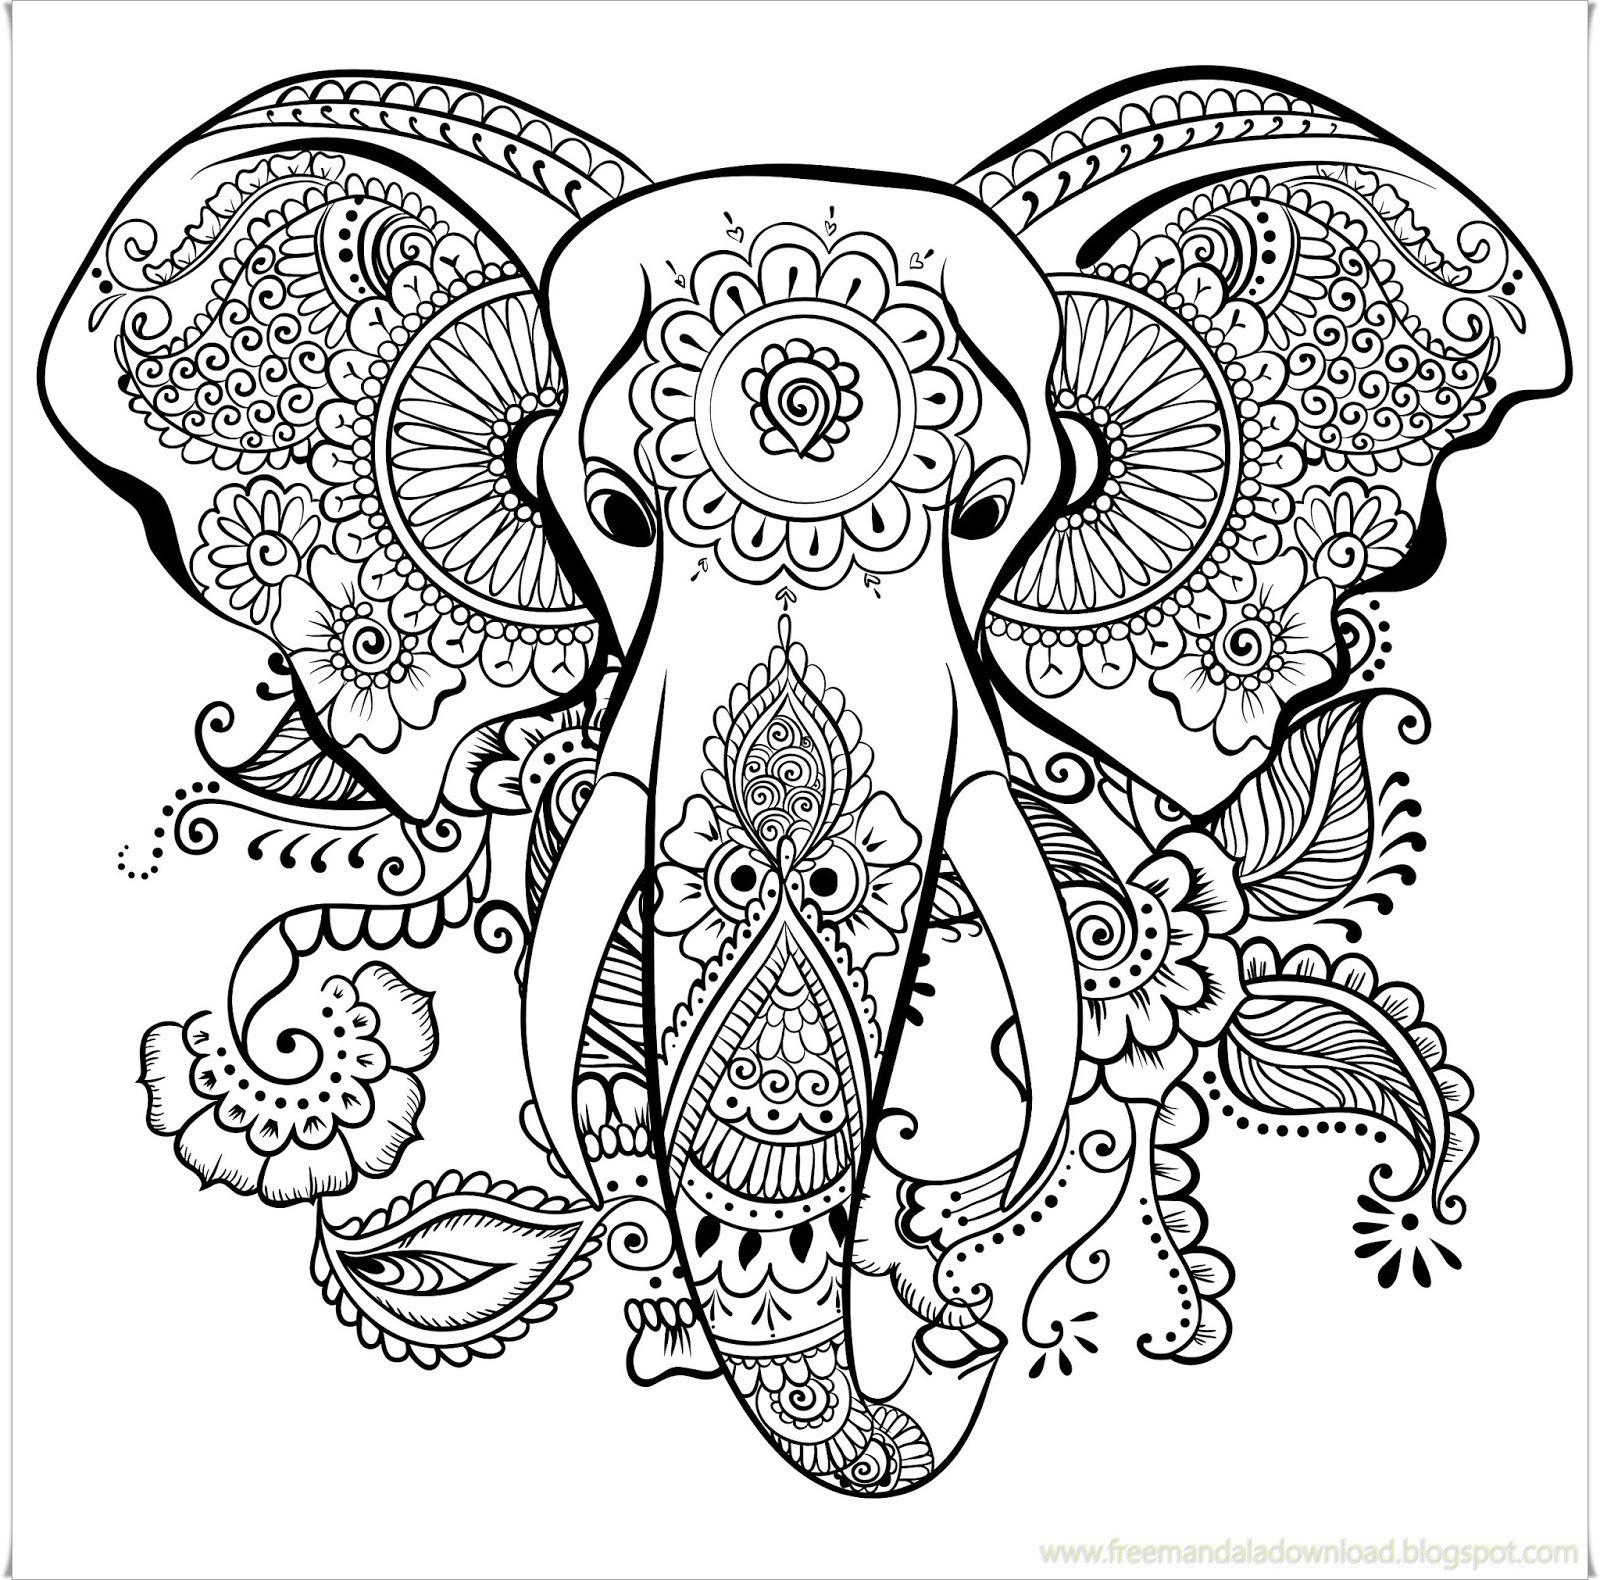 Mandala Zum Ausdrucken Rosen Inspirierend 28 Neu Ausmalbilder Für Erwachsene Blumen Mickeycarrollmunchkin Bilder